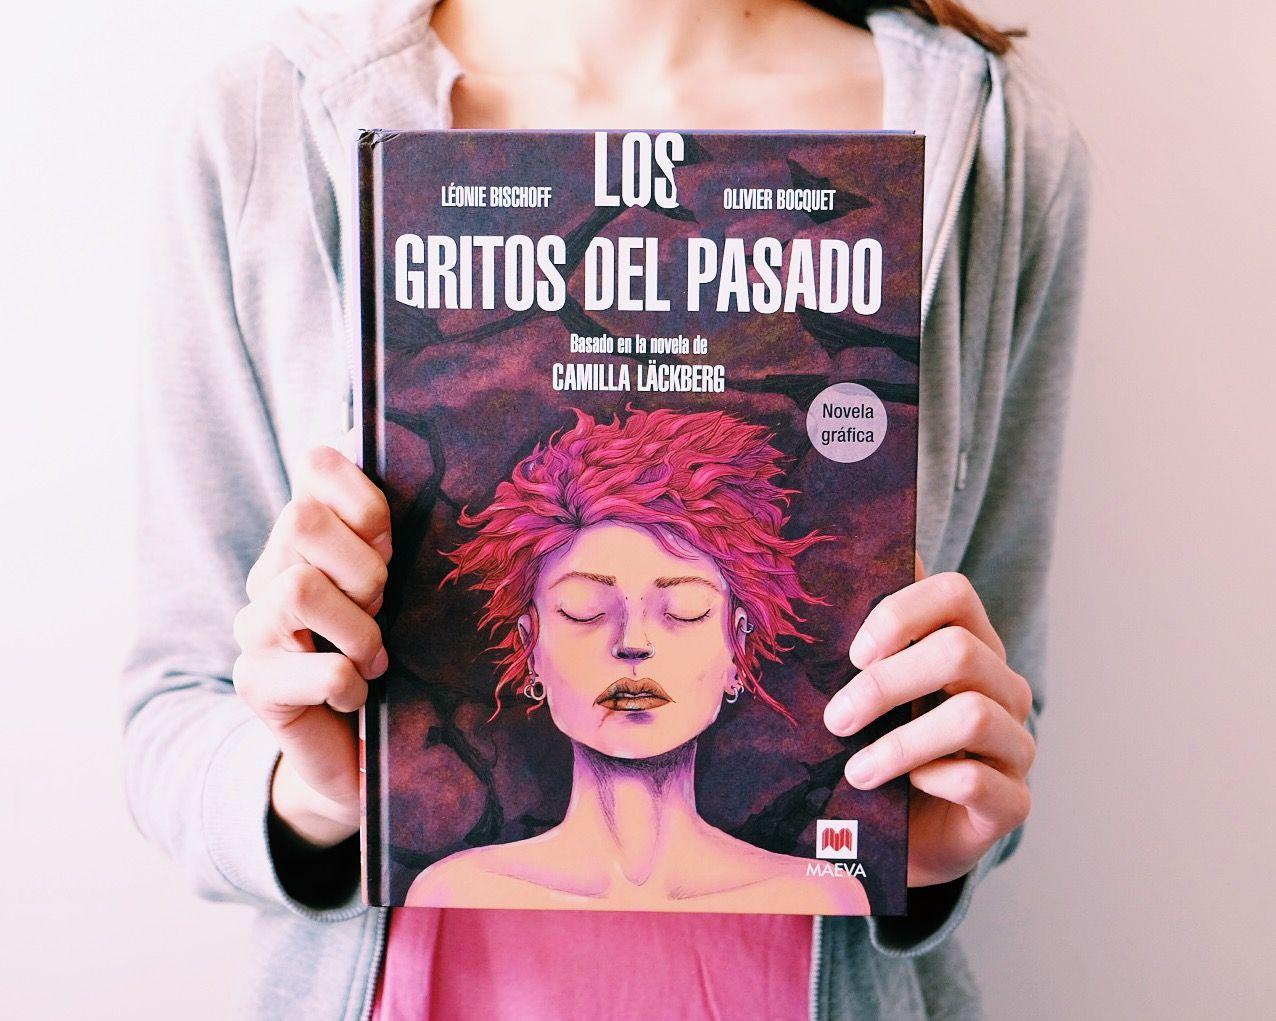 Los gritos del pasado es la novela gráfica basada en la novela de Camila Läckberg, la famosa novelista de novelas policiacas, y hecha por Léonie Bischoff y Olivier Bocquet.